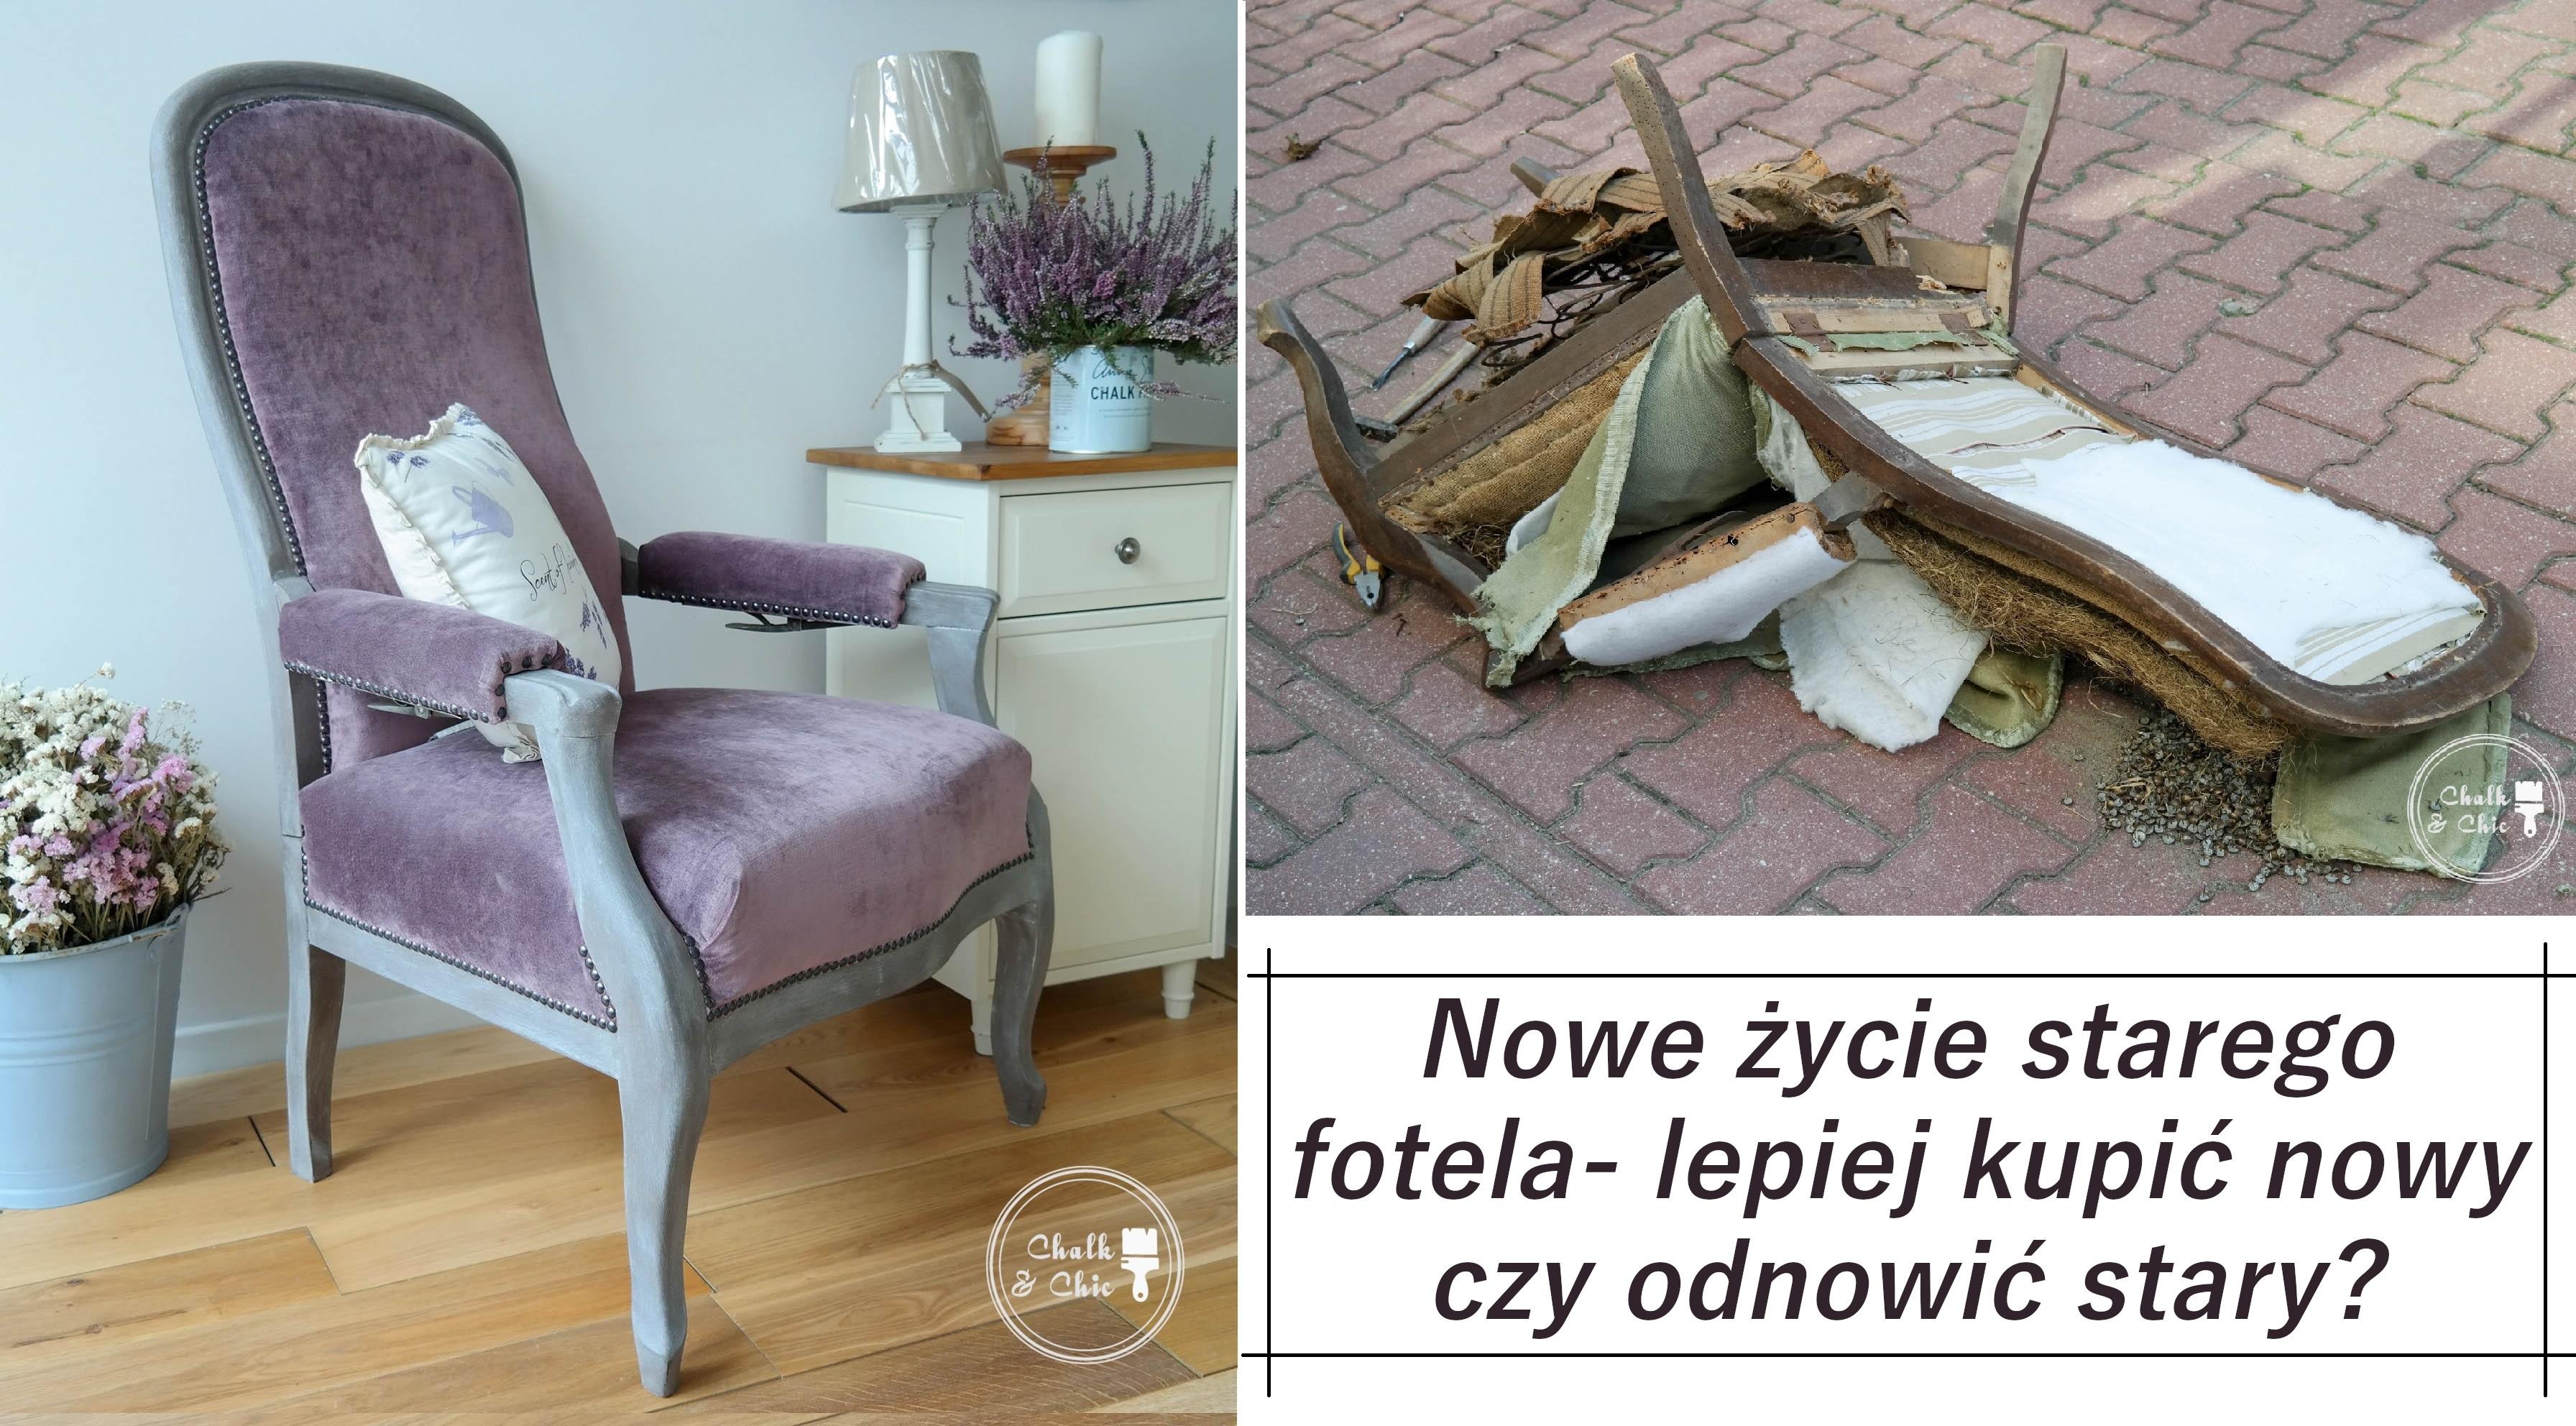 Nowe życie starego fotela